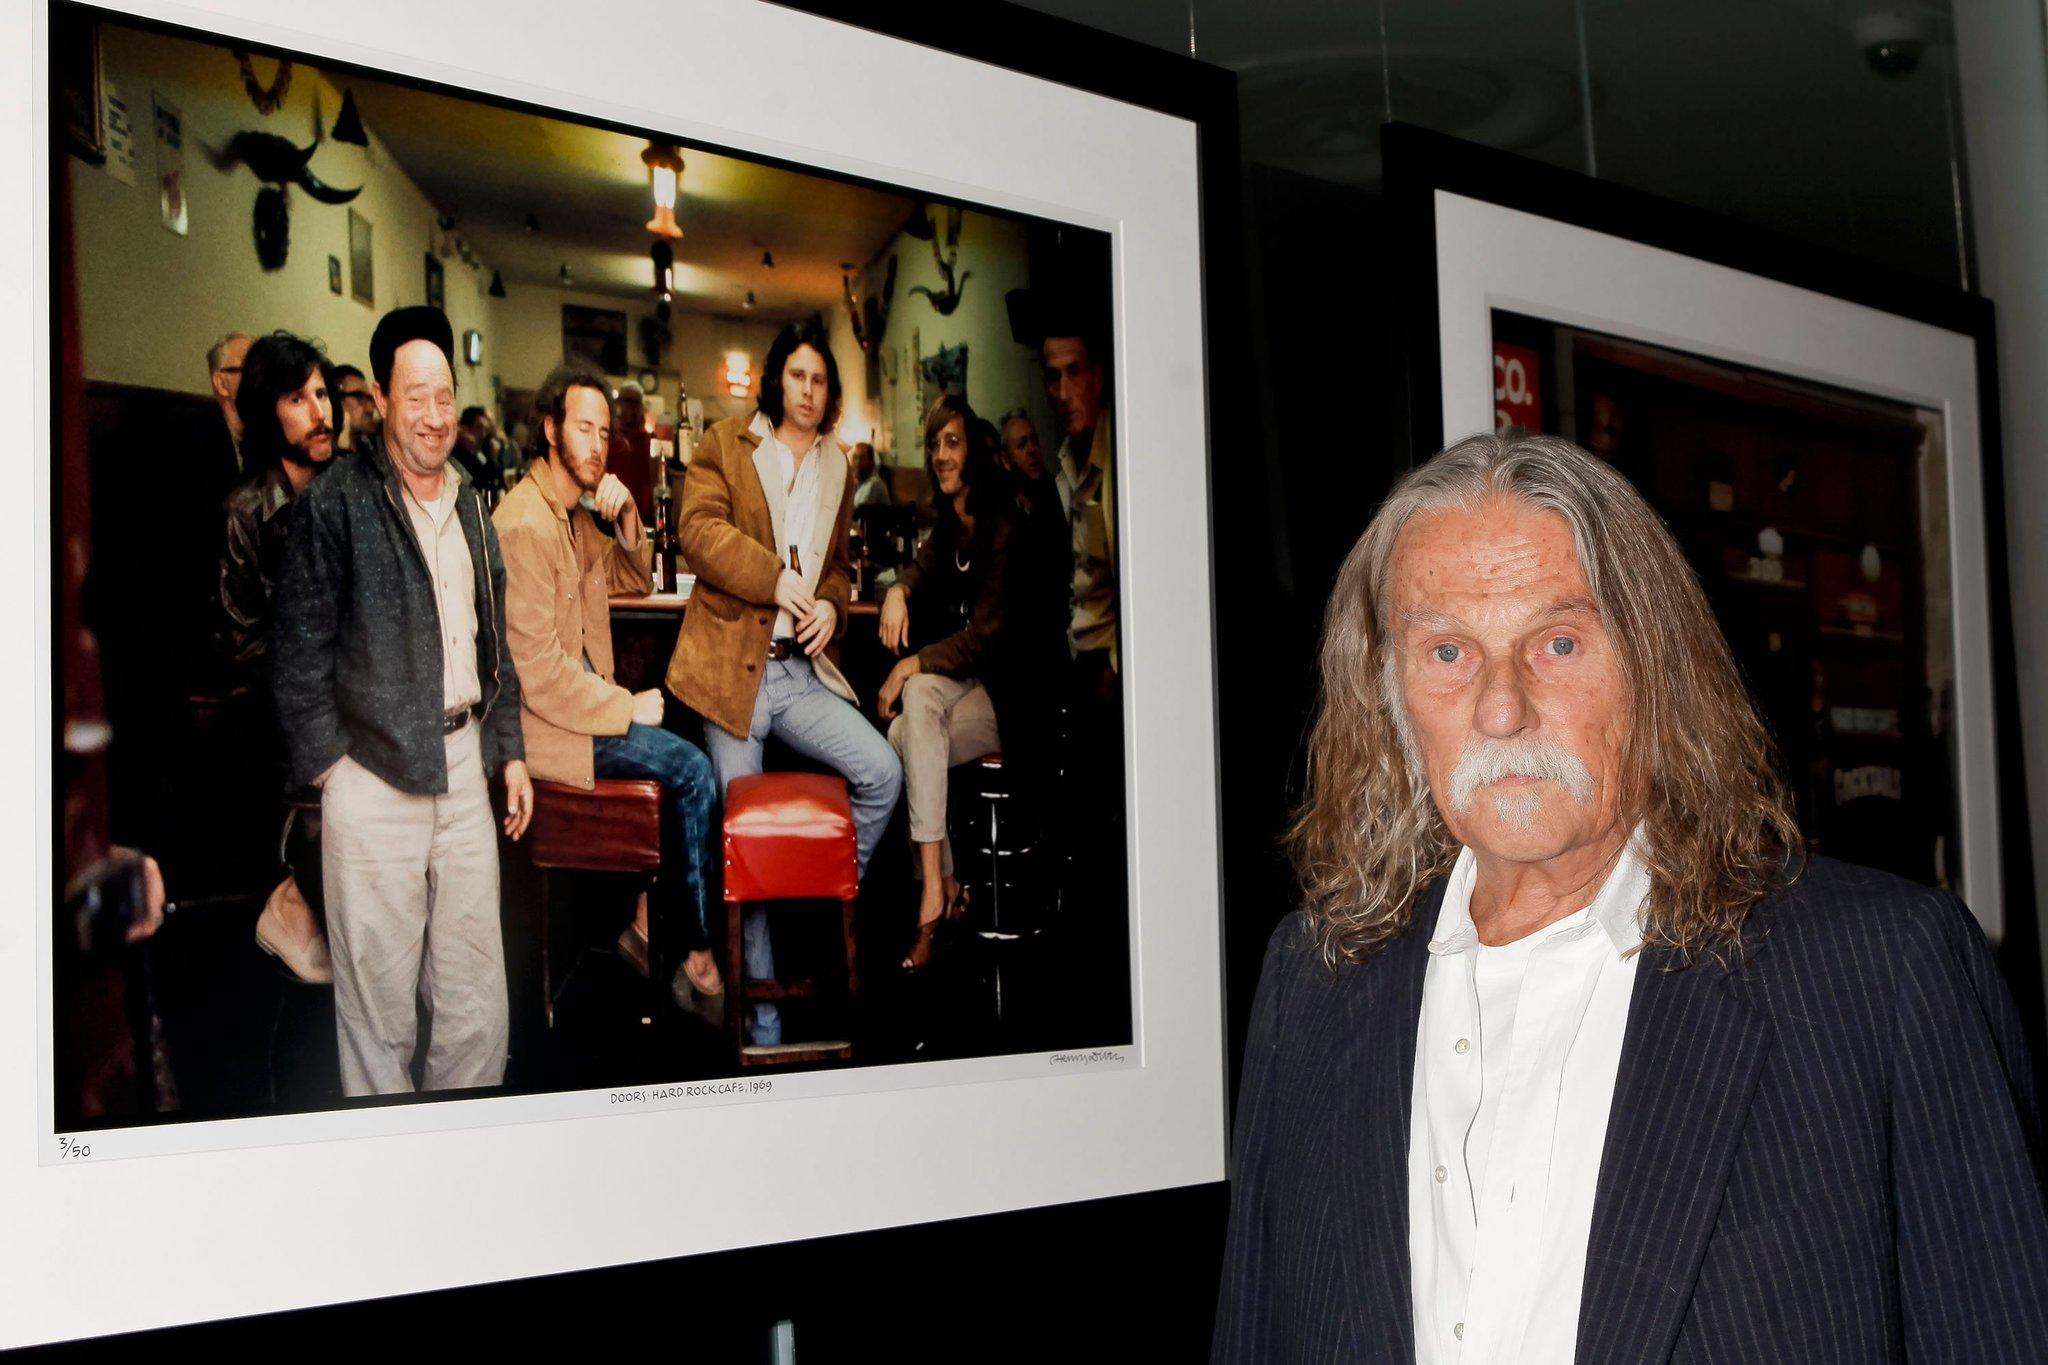 Classic album cover artist Gary Burden dead at 84, Neil Young pays tribute https://t.co/j7edwvnz7a https://t.co/JJ1C73ytut